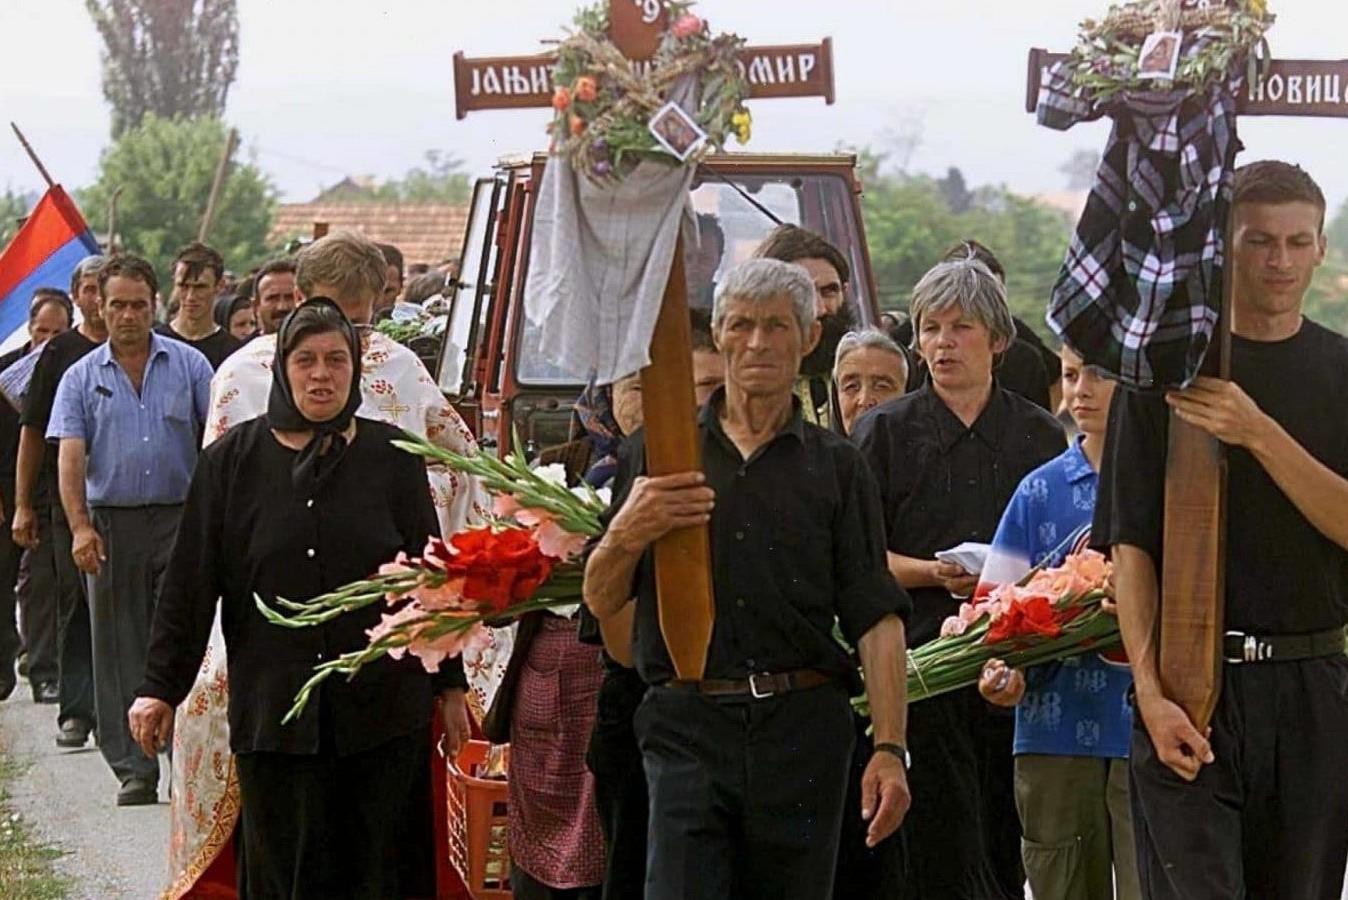 Pogrebna povorka za masakriranih 14 srpskih žetelaca u Starom Grackom, 28. jul 1999. (Foto: EPA/Louisa Goulimaki)